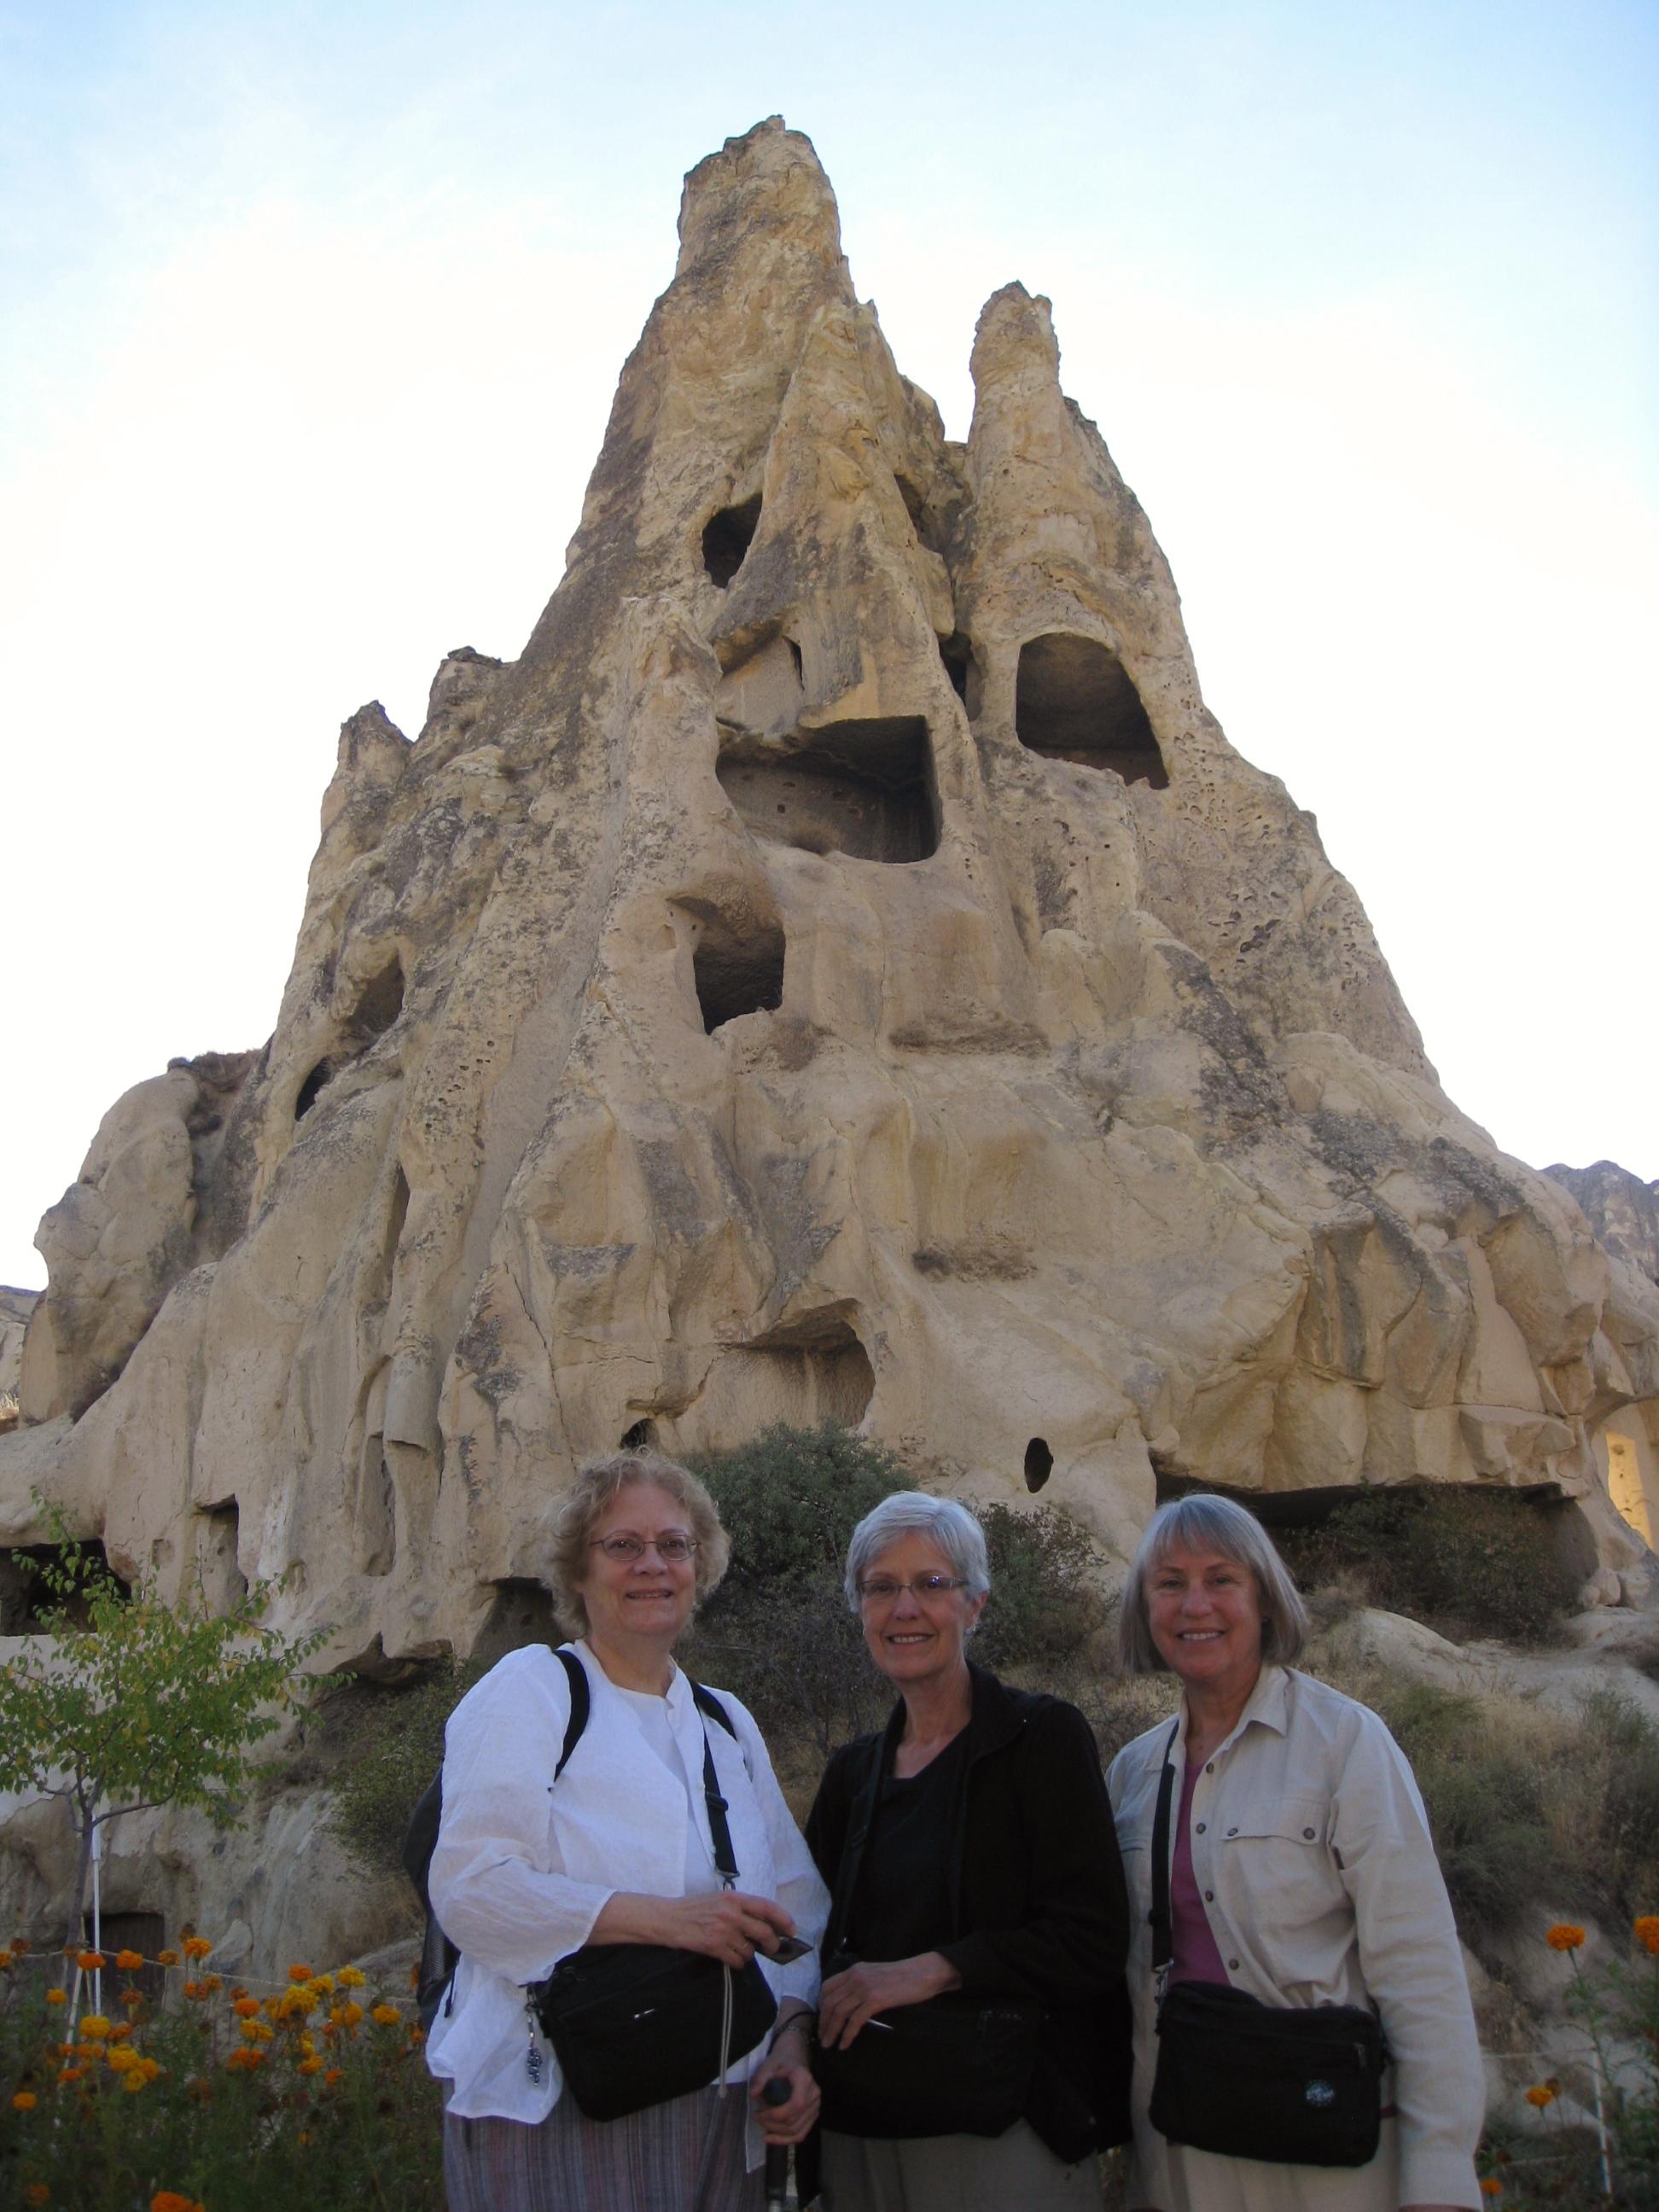 The McEwen Sisters